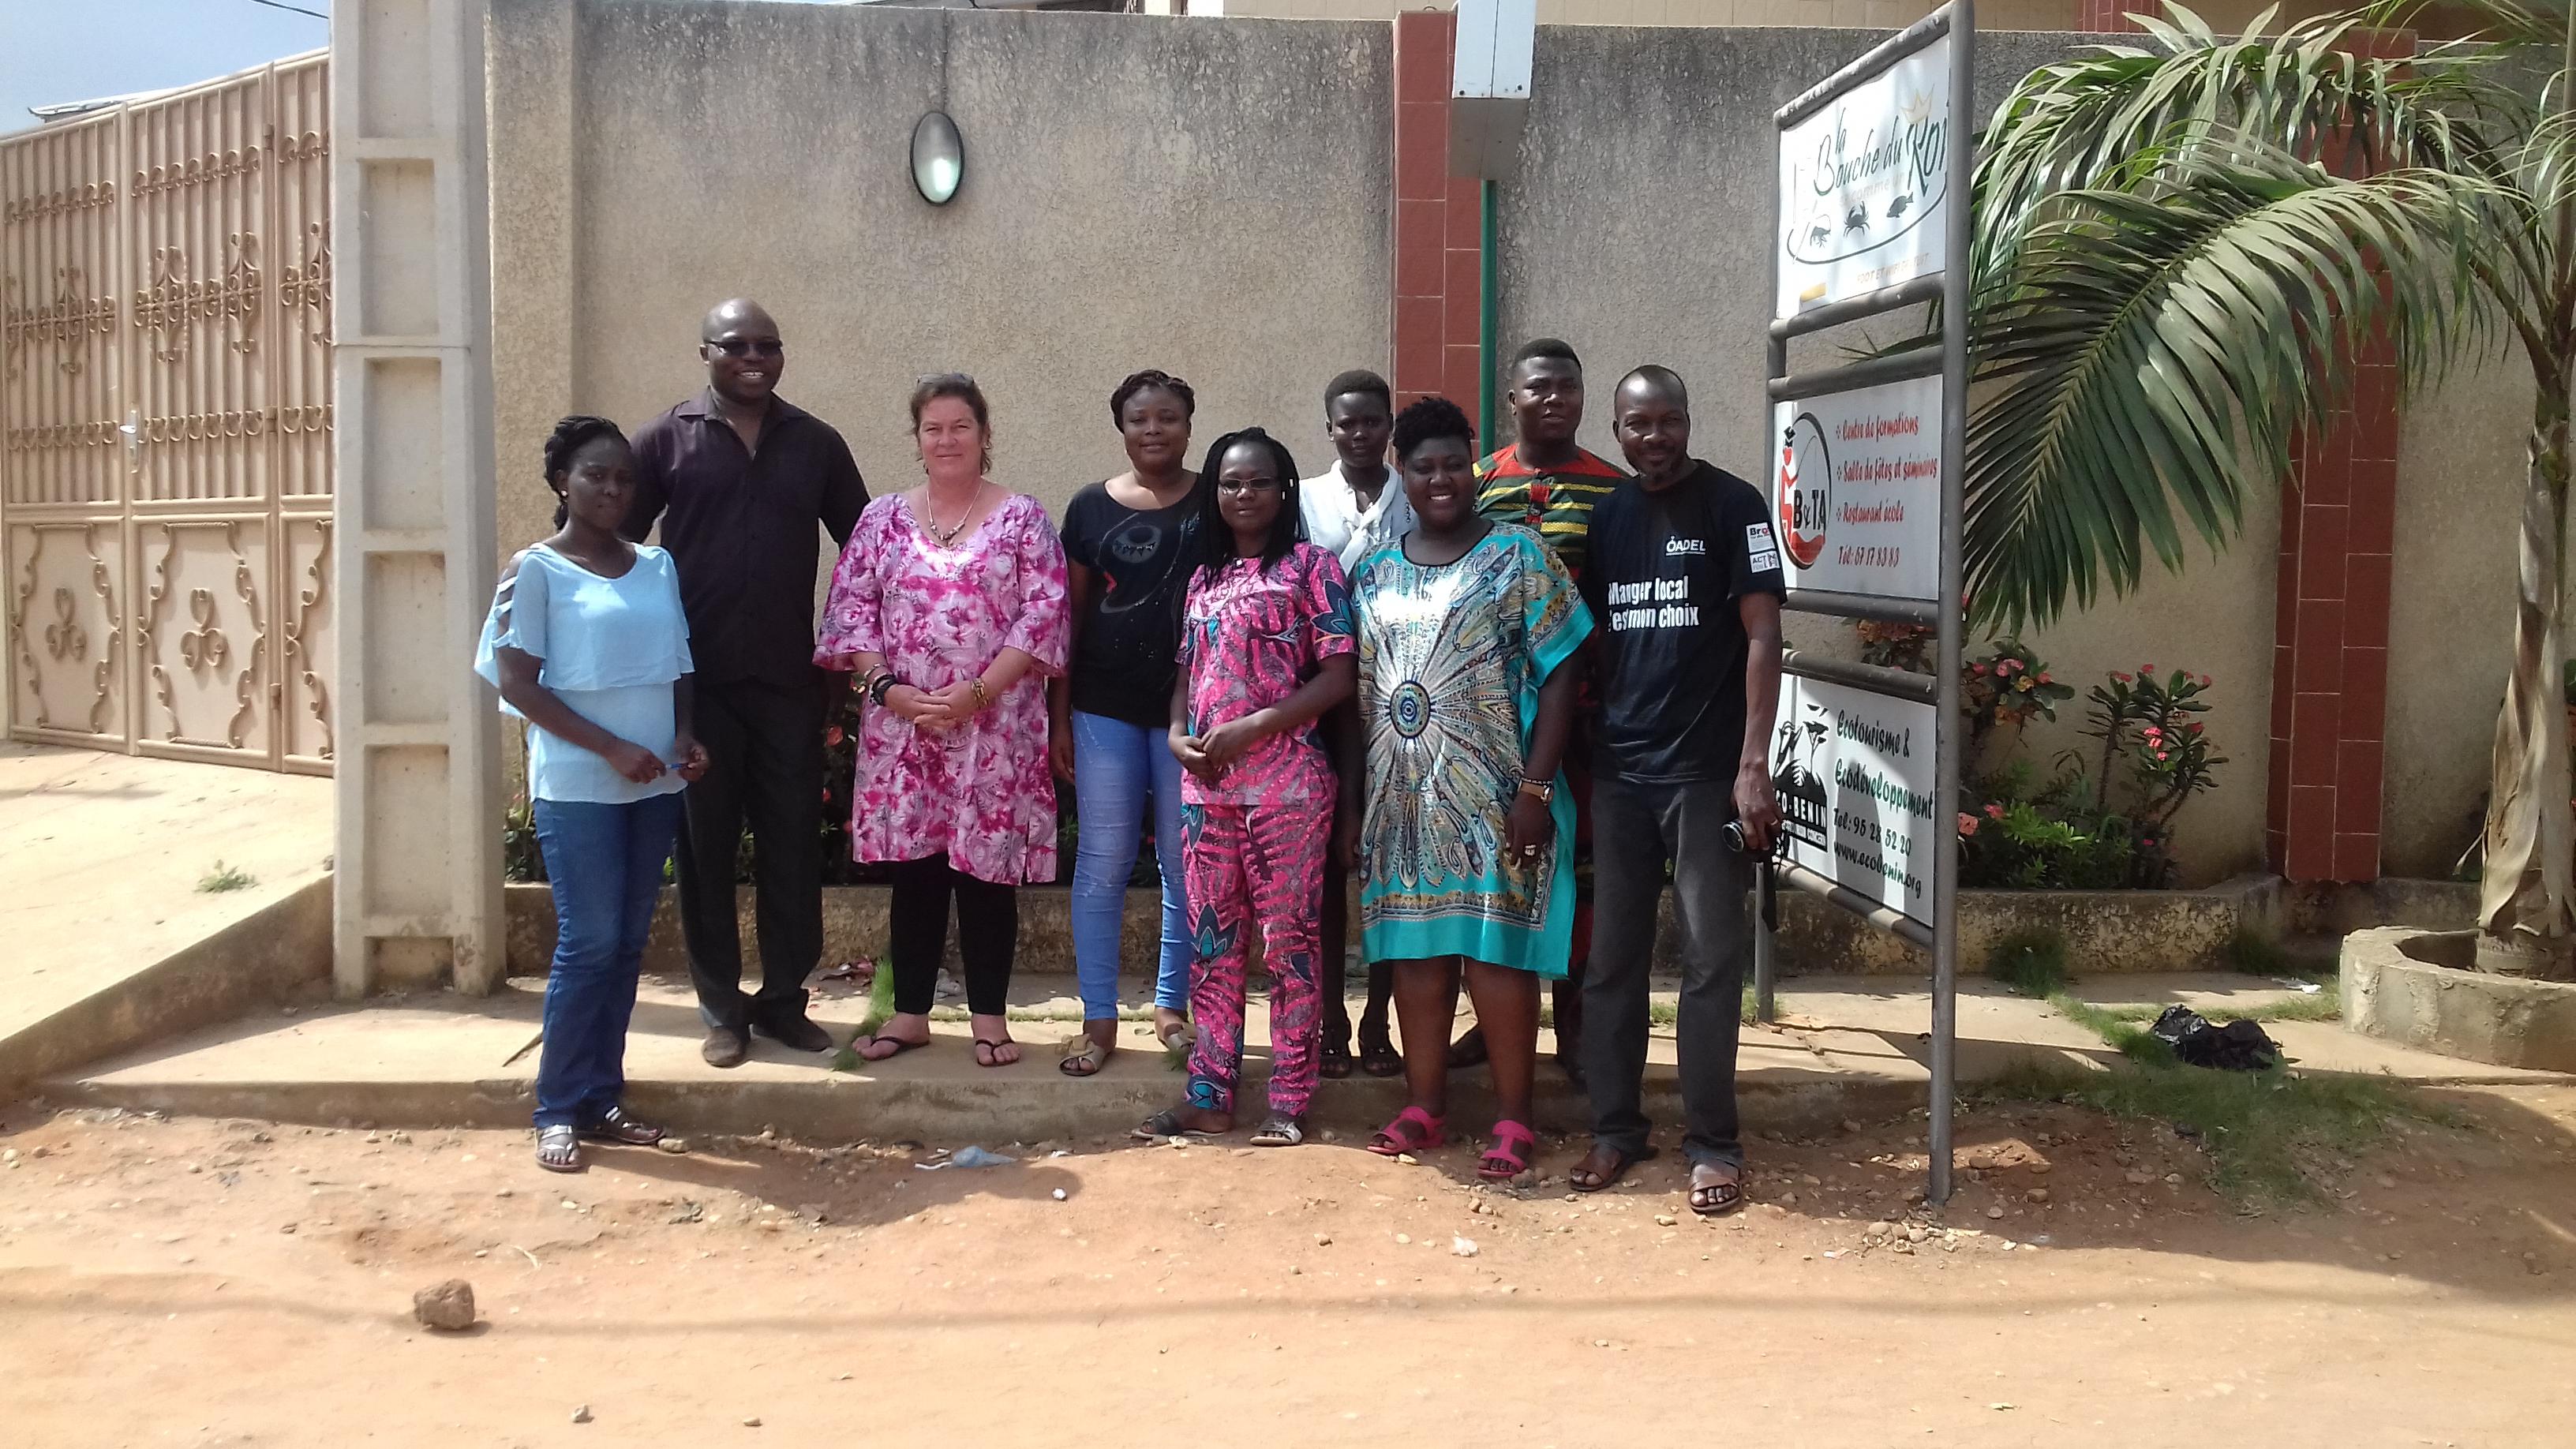 Tourisme responsable et développement économique : la vice-présidente de l'Association Tourism for Help en visite de travail à Eco-Bénin